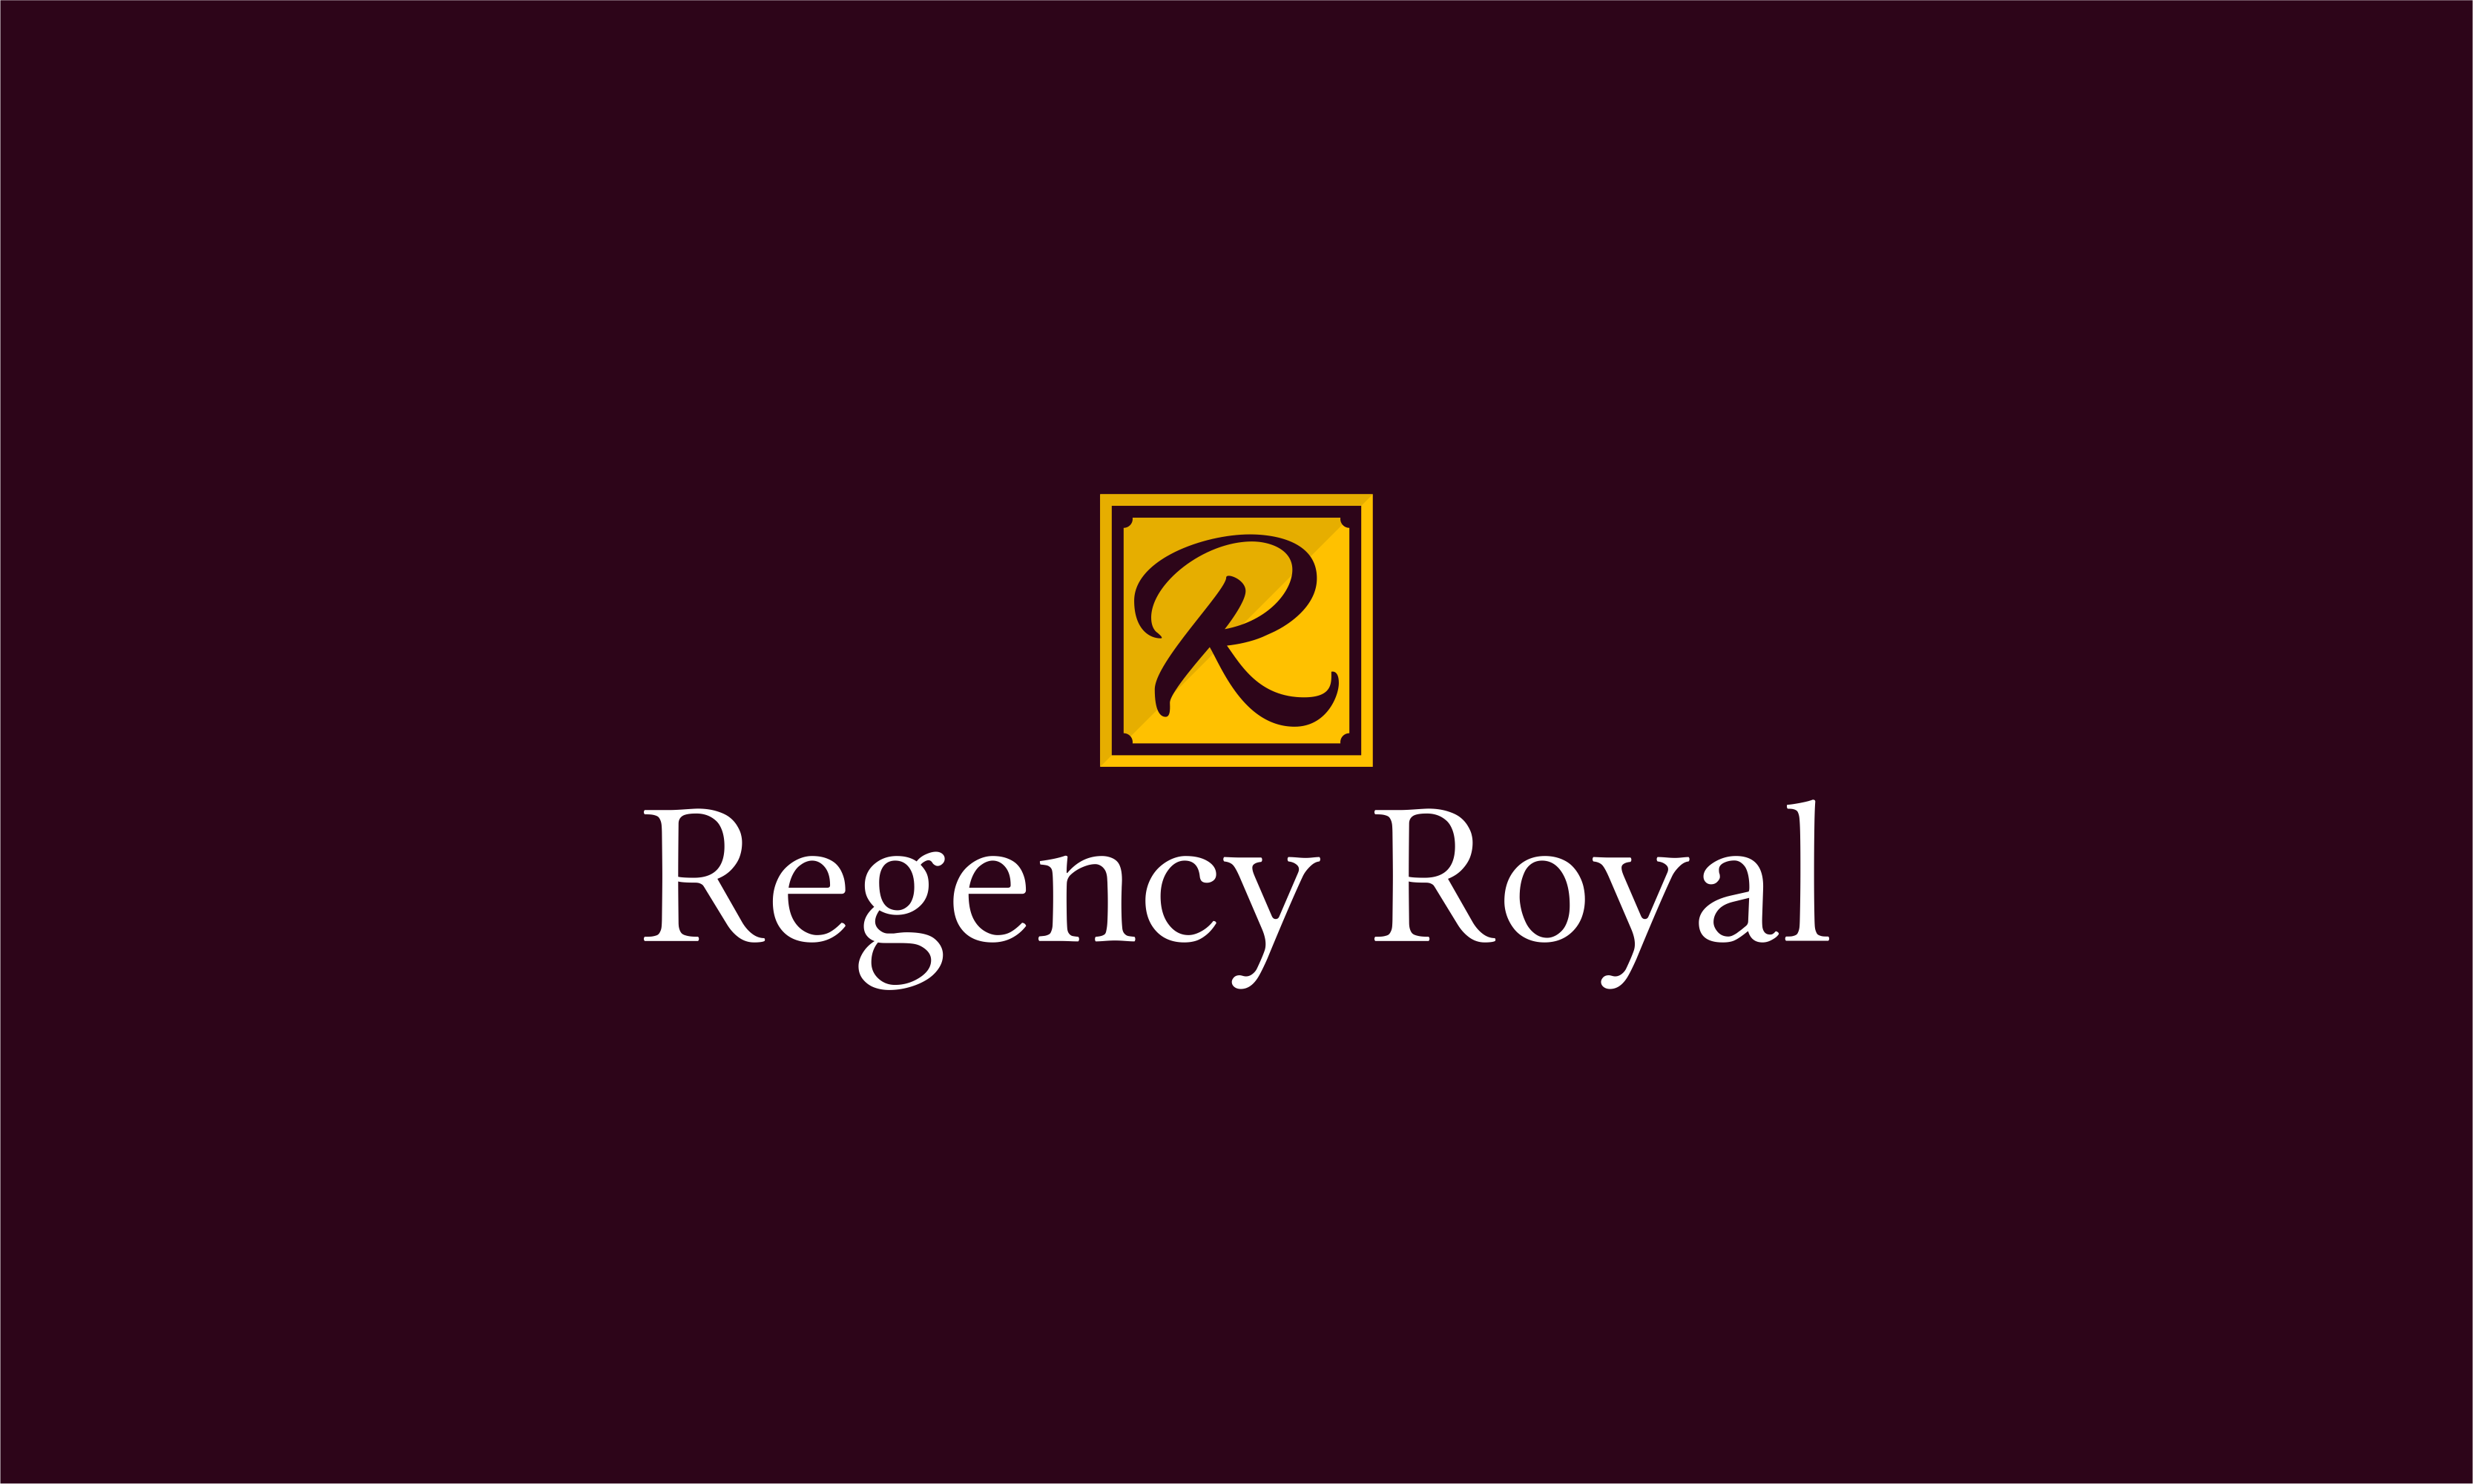 Regencyroyal